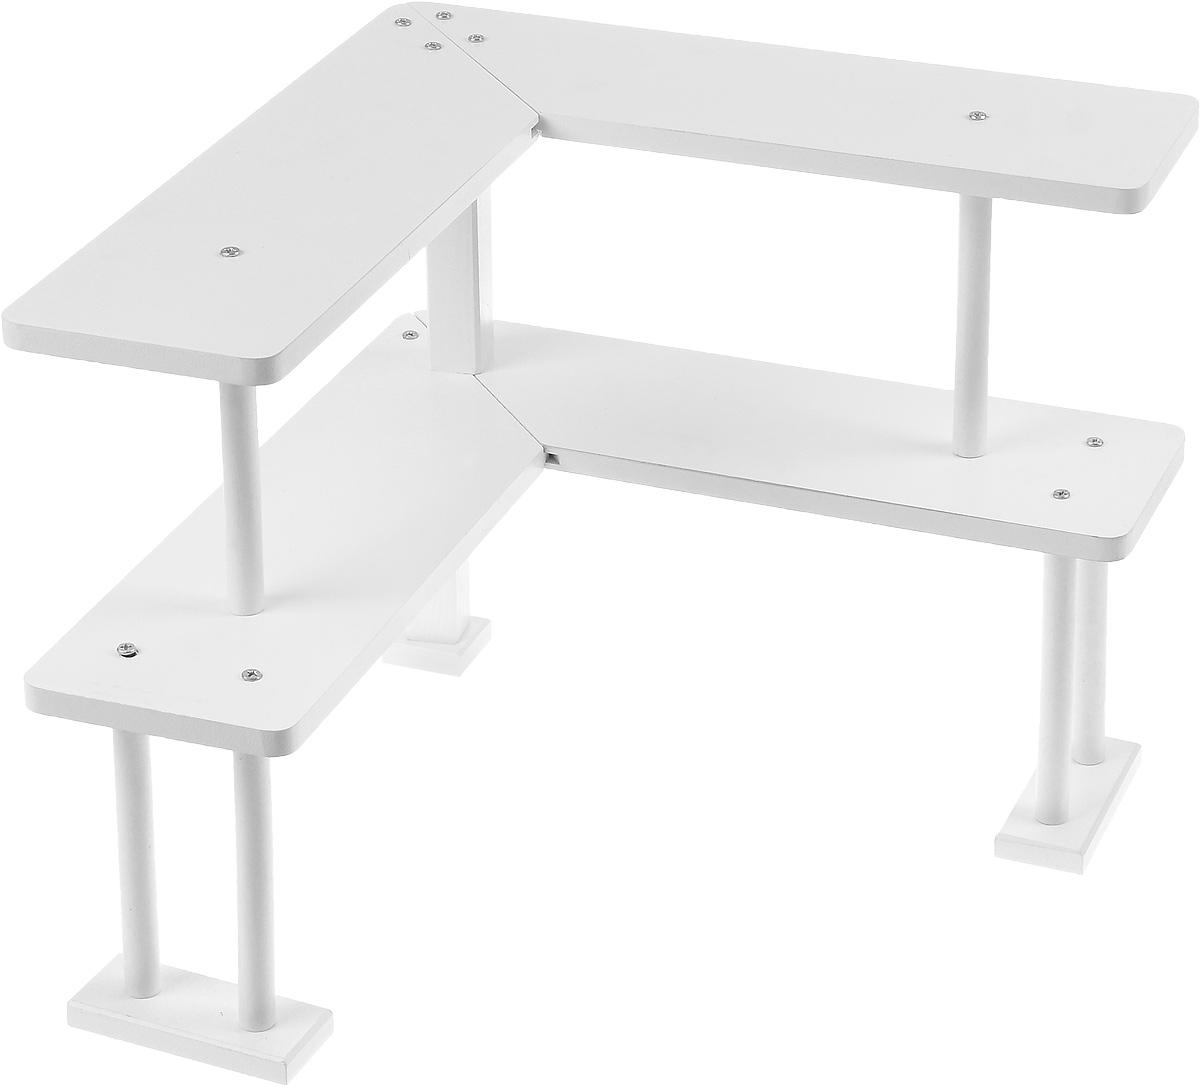 Полка угловая Mayer & Boch, 2-х ярусная. 2424924246Деревянная угловая полка Mayer Boch - удобная и практичная конструкция, которая поможет вам правильно и рационально организовать рабочее пространство на вашем письменном столе. Полка представляет собой угловую двухъярусную конструкцию на высоких ножках, что позволяет использовать каждый сантиметр вашего стола с пользой и умом. В такой полке можно расположить все необходимые письменные принадлежности, документы или книги. Стильный и современный дизайн конструкции позволит ей вписаться в любой интерьер.Полка поставляется в разобранном виде и собирается при помощи саморезов (входят в комплект).Размер полки в собранном виде: 37 х 37 х 34 см.Высота нижнего яруса: 17,5 см.Высота верхнего яруса: 16,5 см.Глубина полки: 11,5 см.